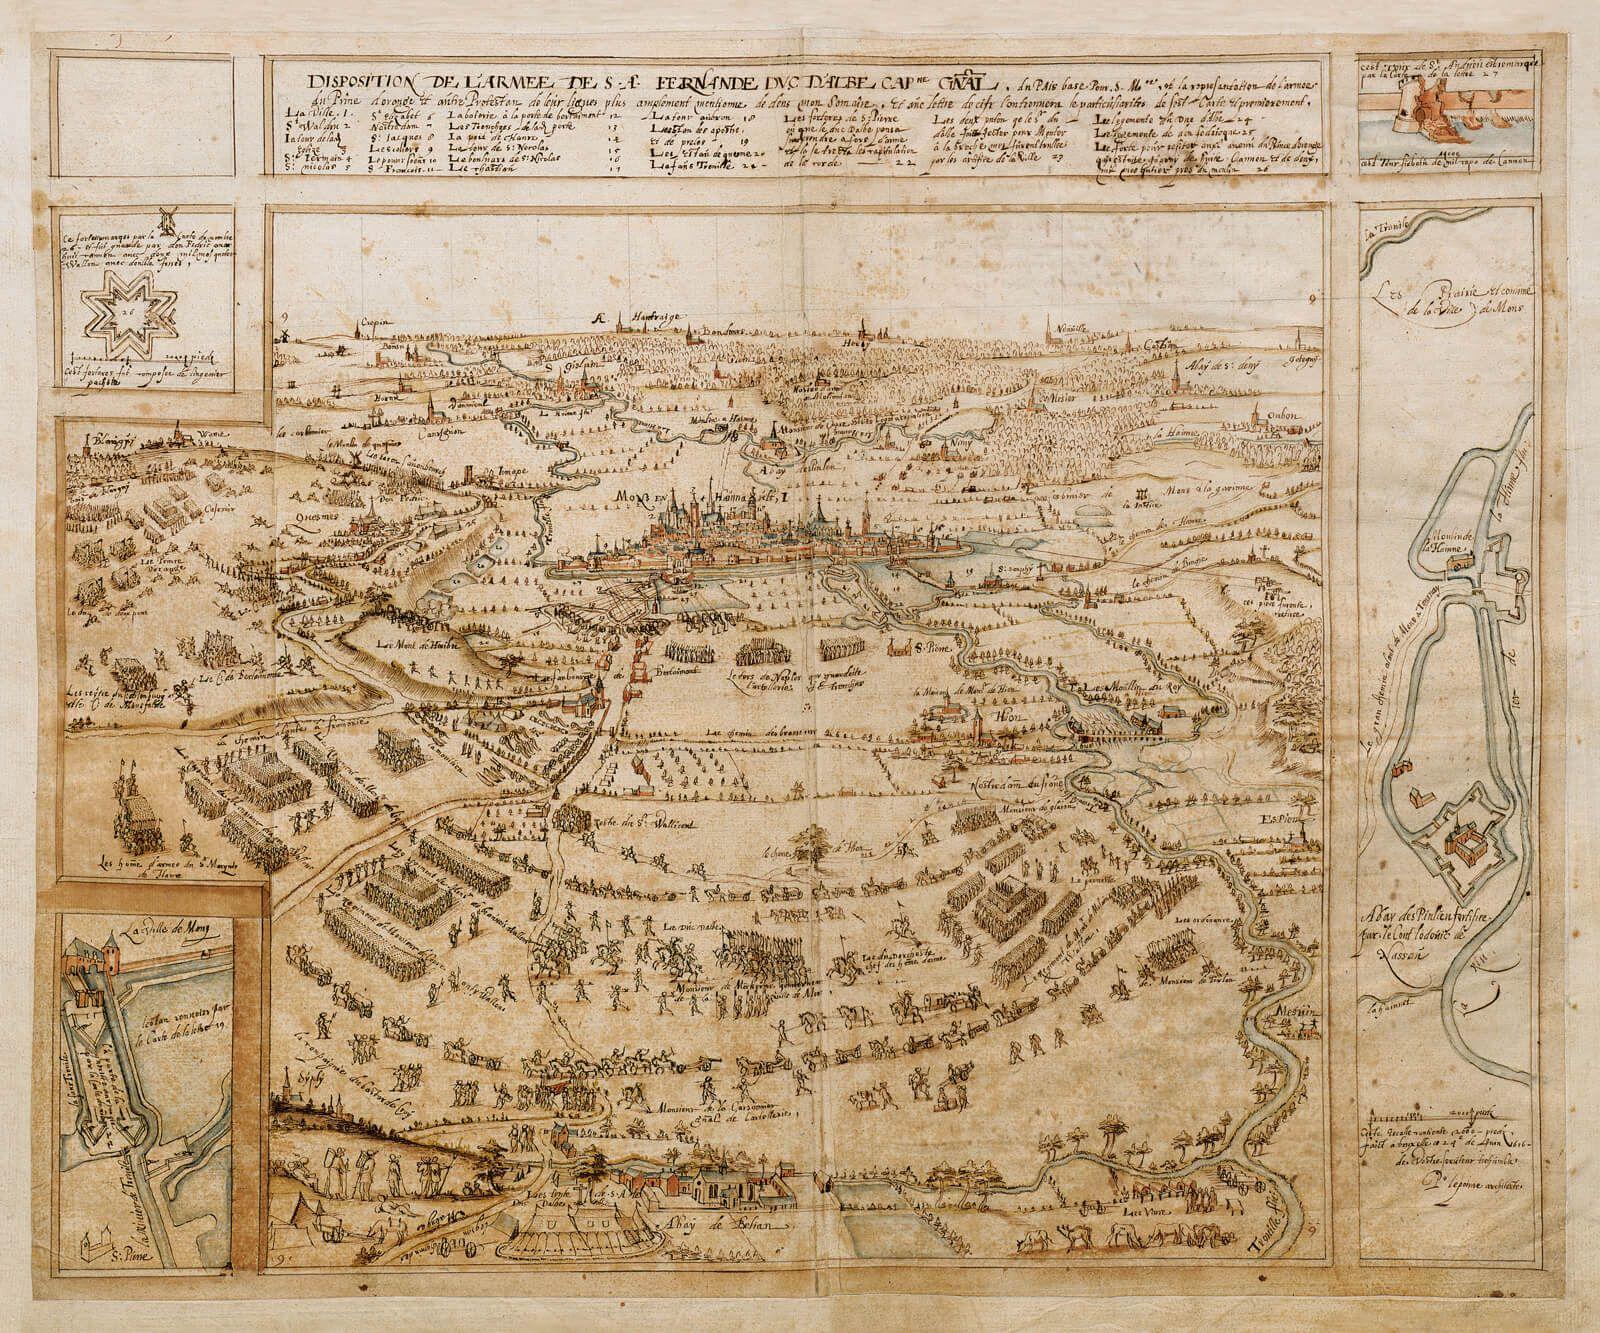 Pierre Lepoivre asedio de Mons fortificaciones guerra de flandes